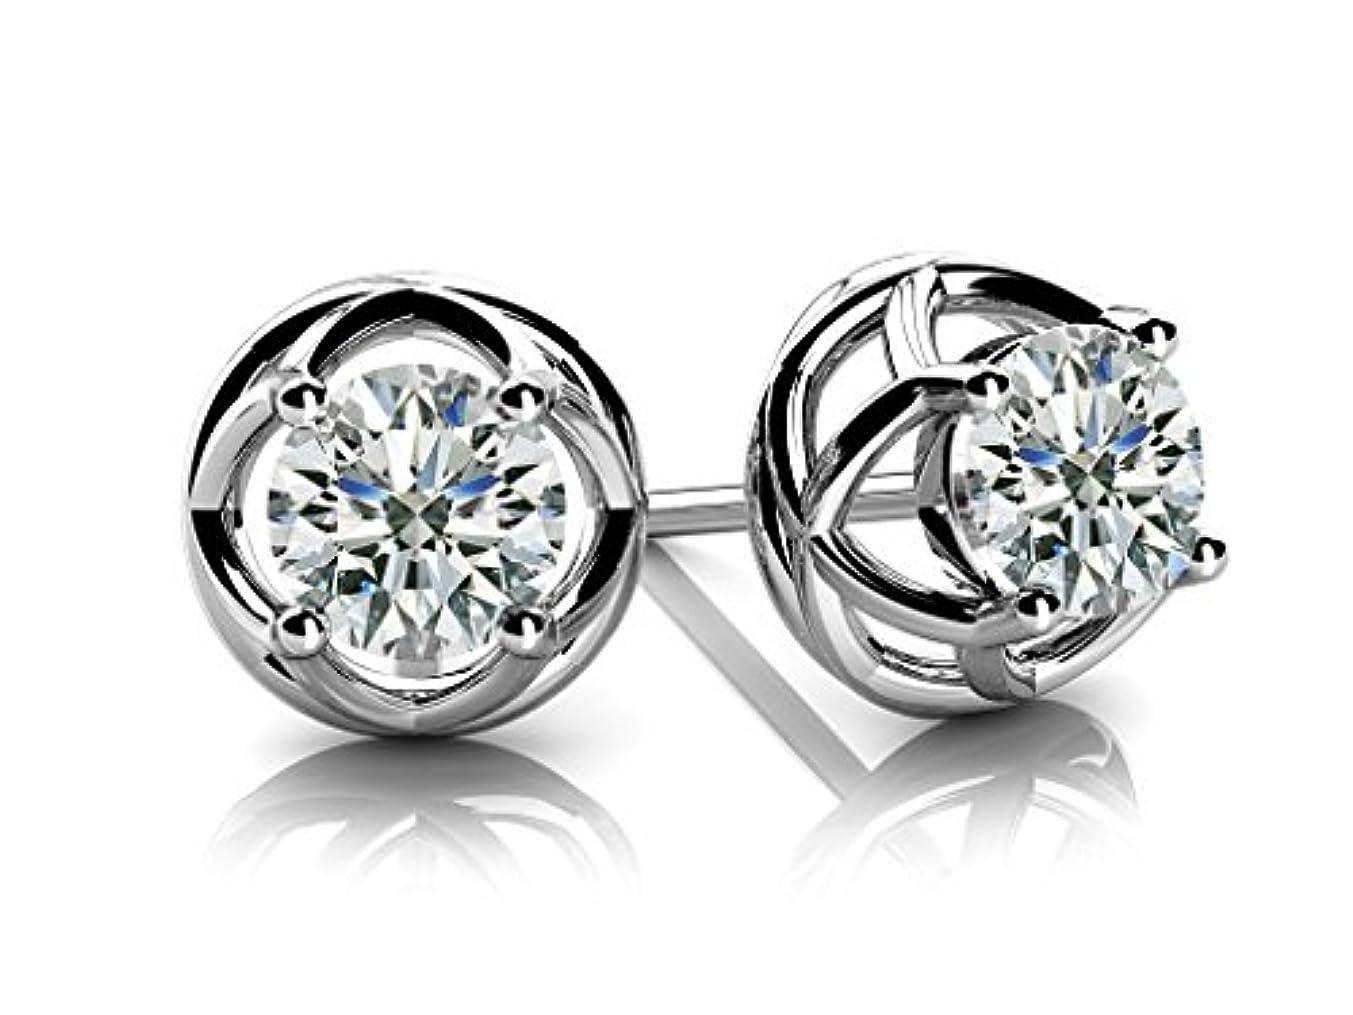 流行アブストラクト炎上Smjewels 0.24 ctw ラウンド 人工ダイヤモンド ソリティア スタッドピアス 14K ホワイトゴールド Fn